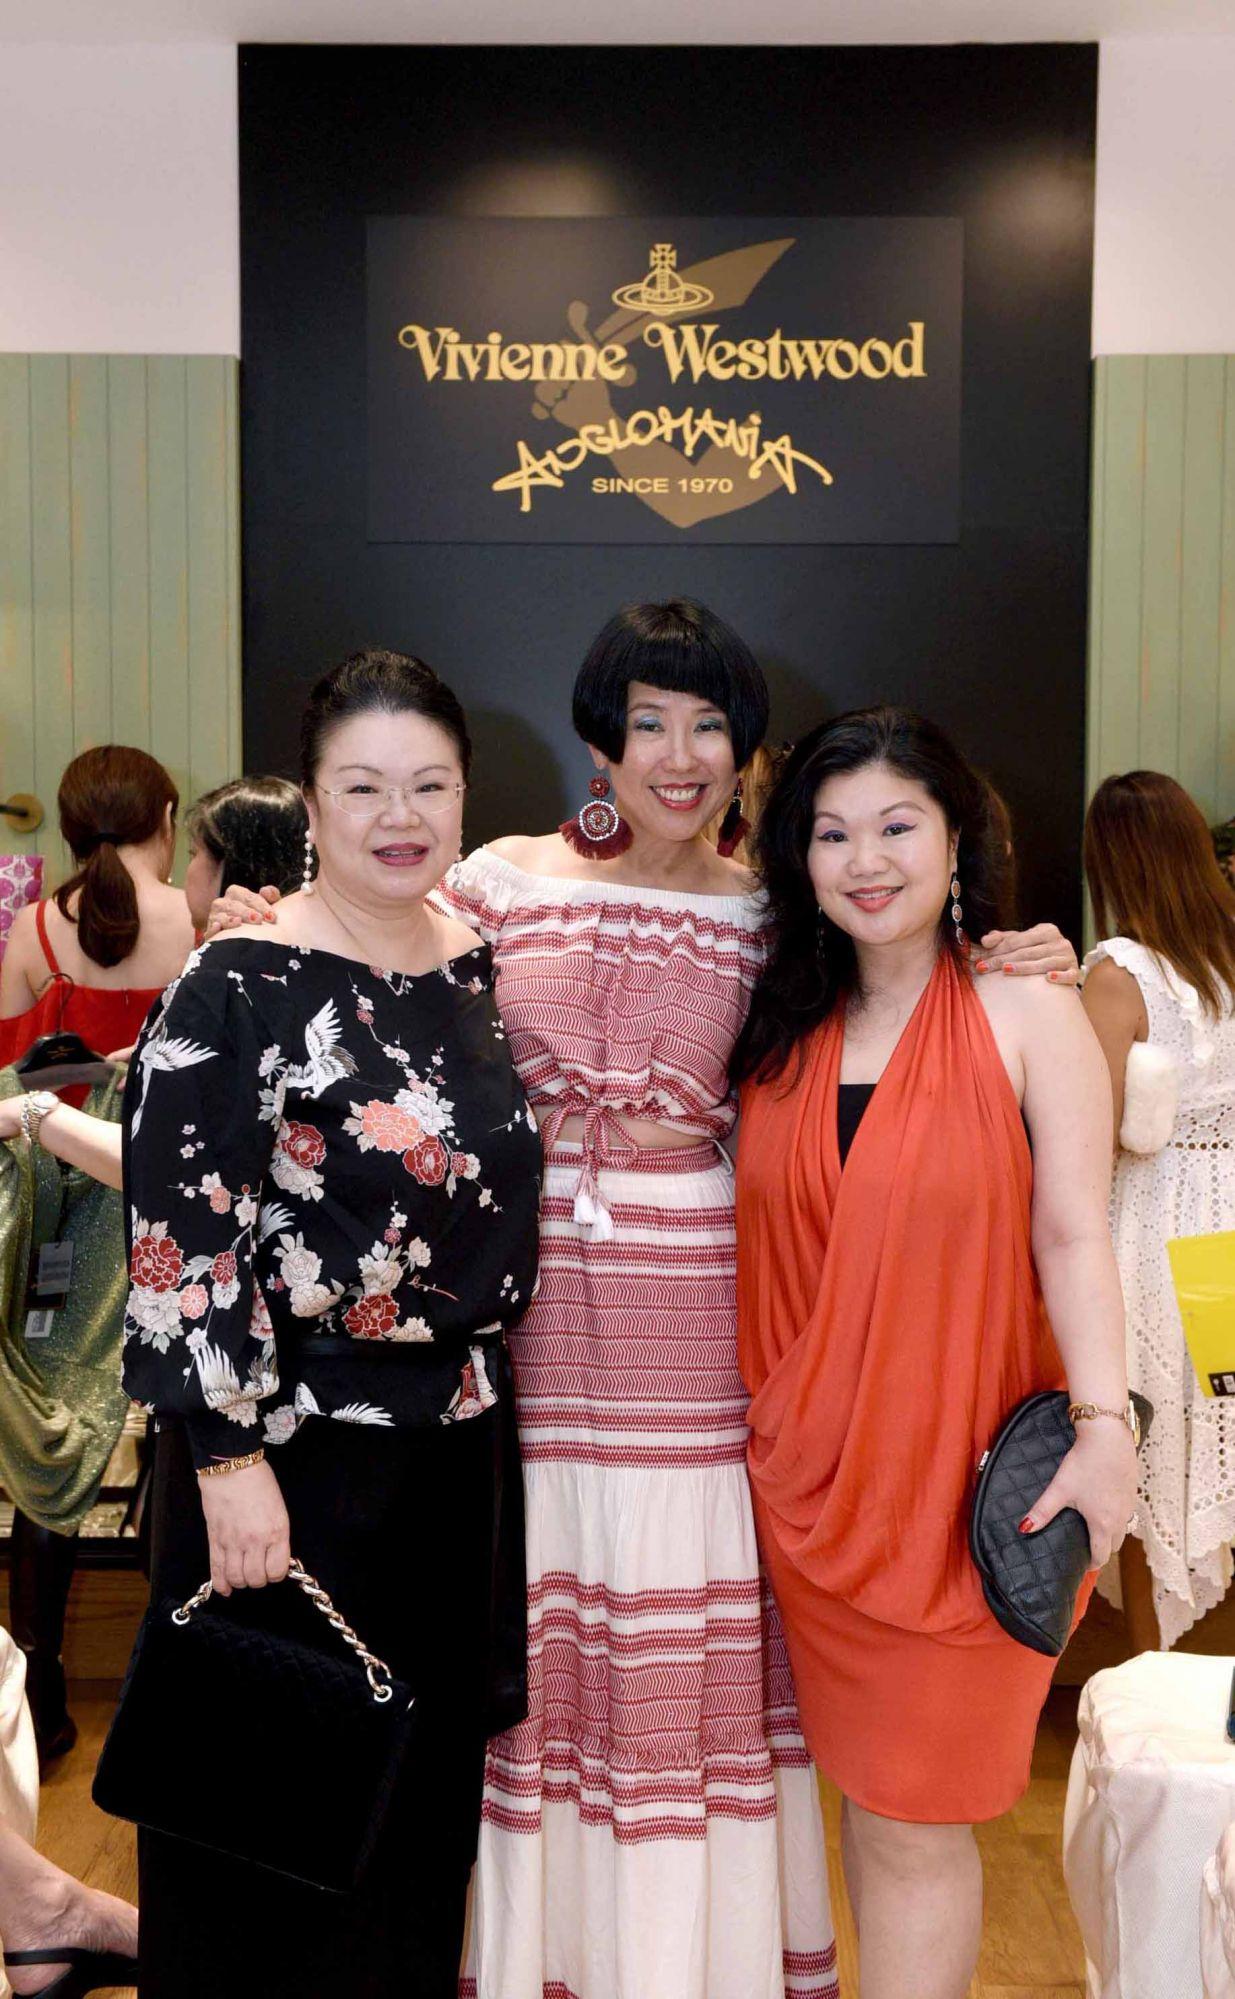 Lam Min Yee, Rosalynn Tay, Lam Tse-Yi